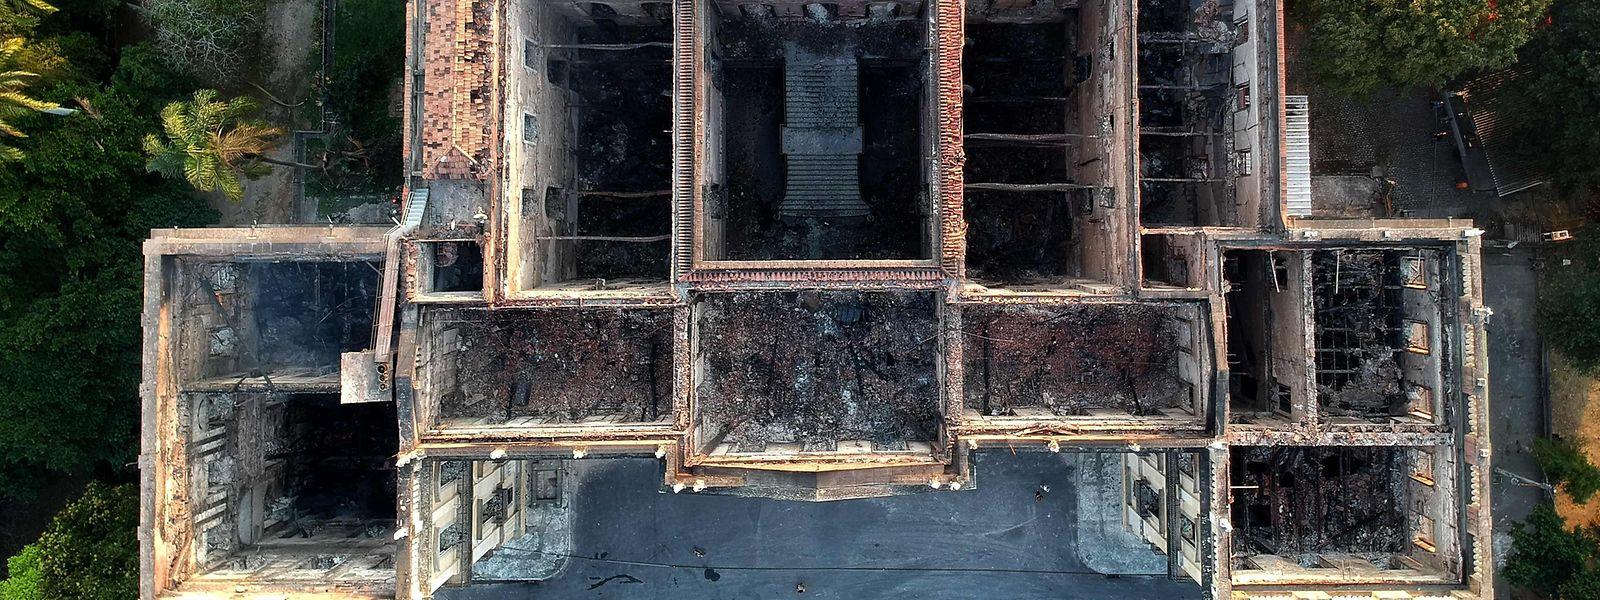 Experten befürchten, dass fast alle der 20 Millionen Artefakte des Museums verloren sind.